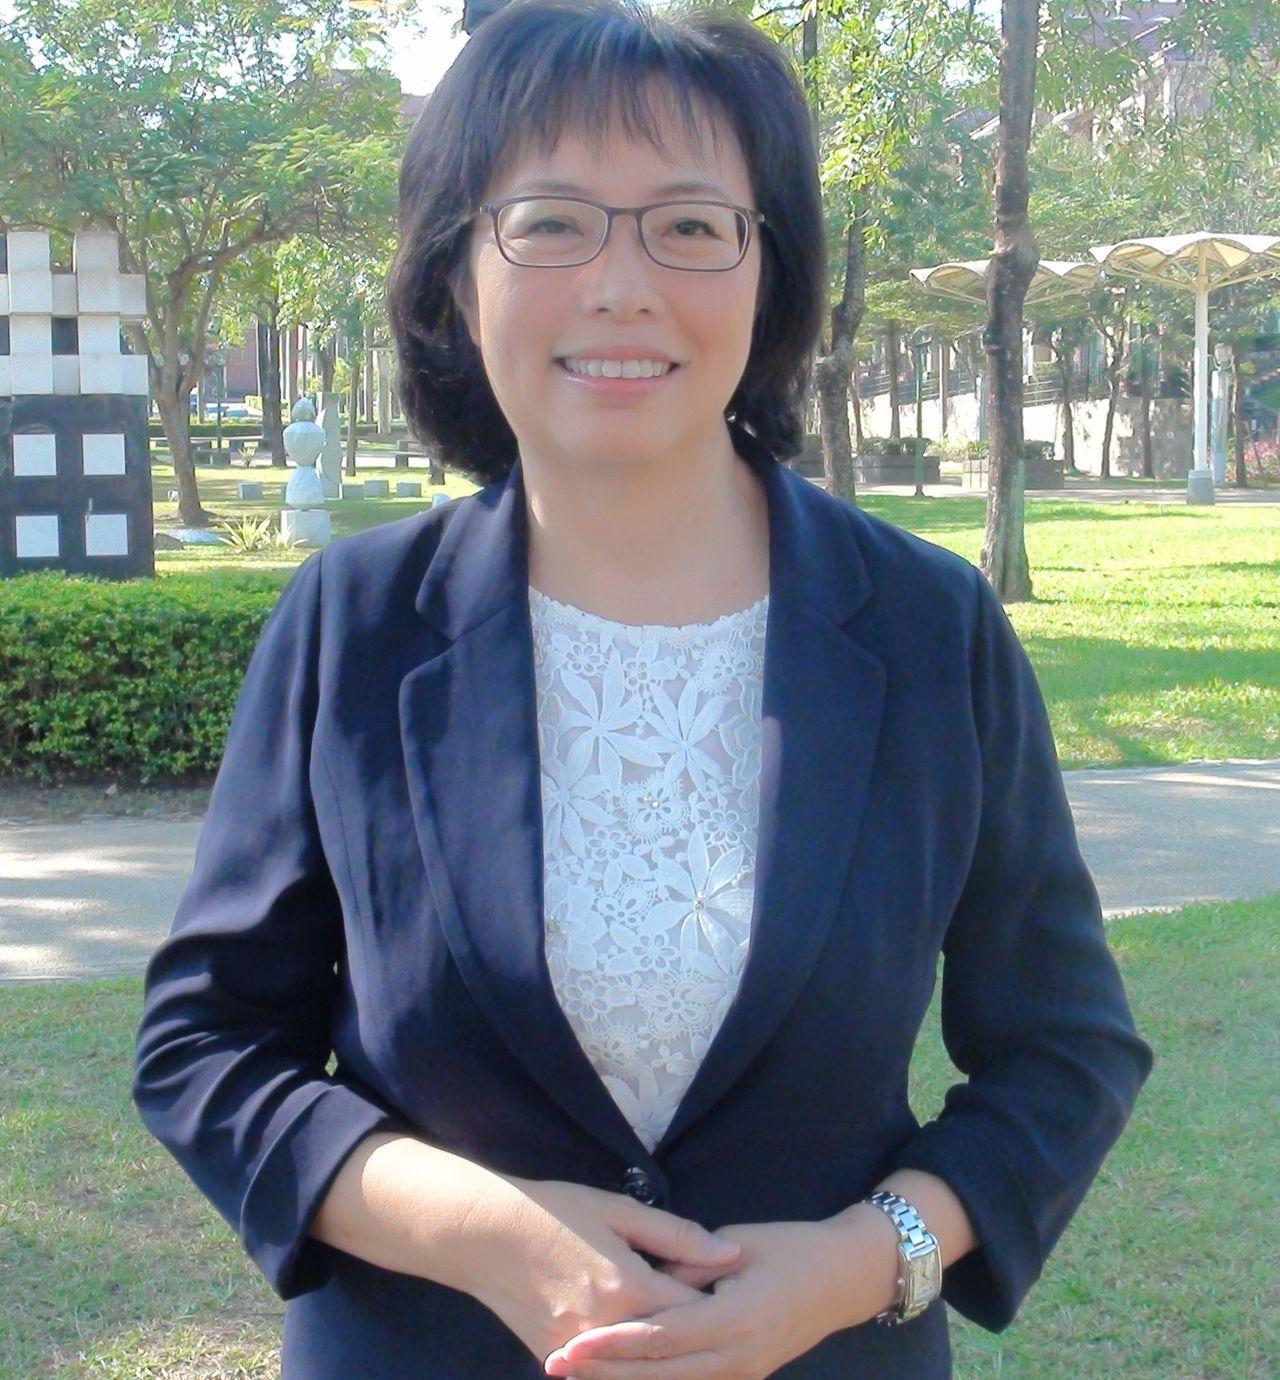 前義联集團發言人江惠頌外文能力強,獲韓國瑜延攬成為行政國際處長。記者王昭月/攝影